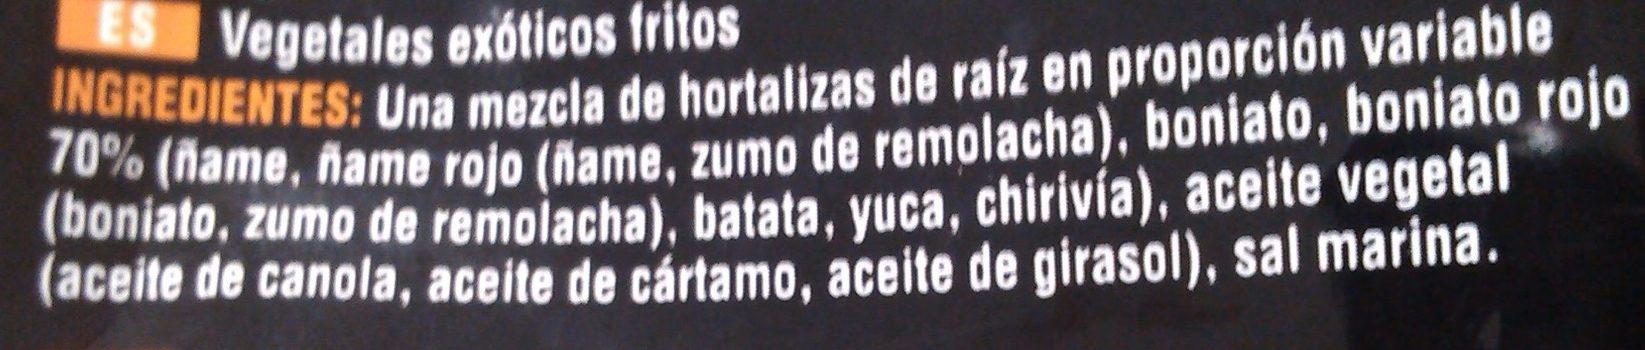 Chips De Légumes Exotiques - Ingredientes - es